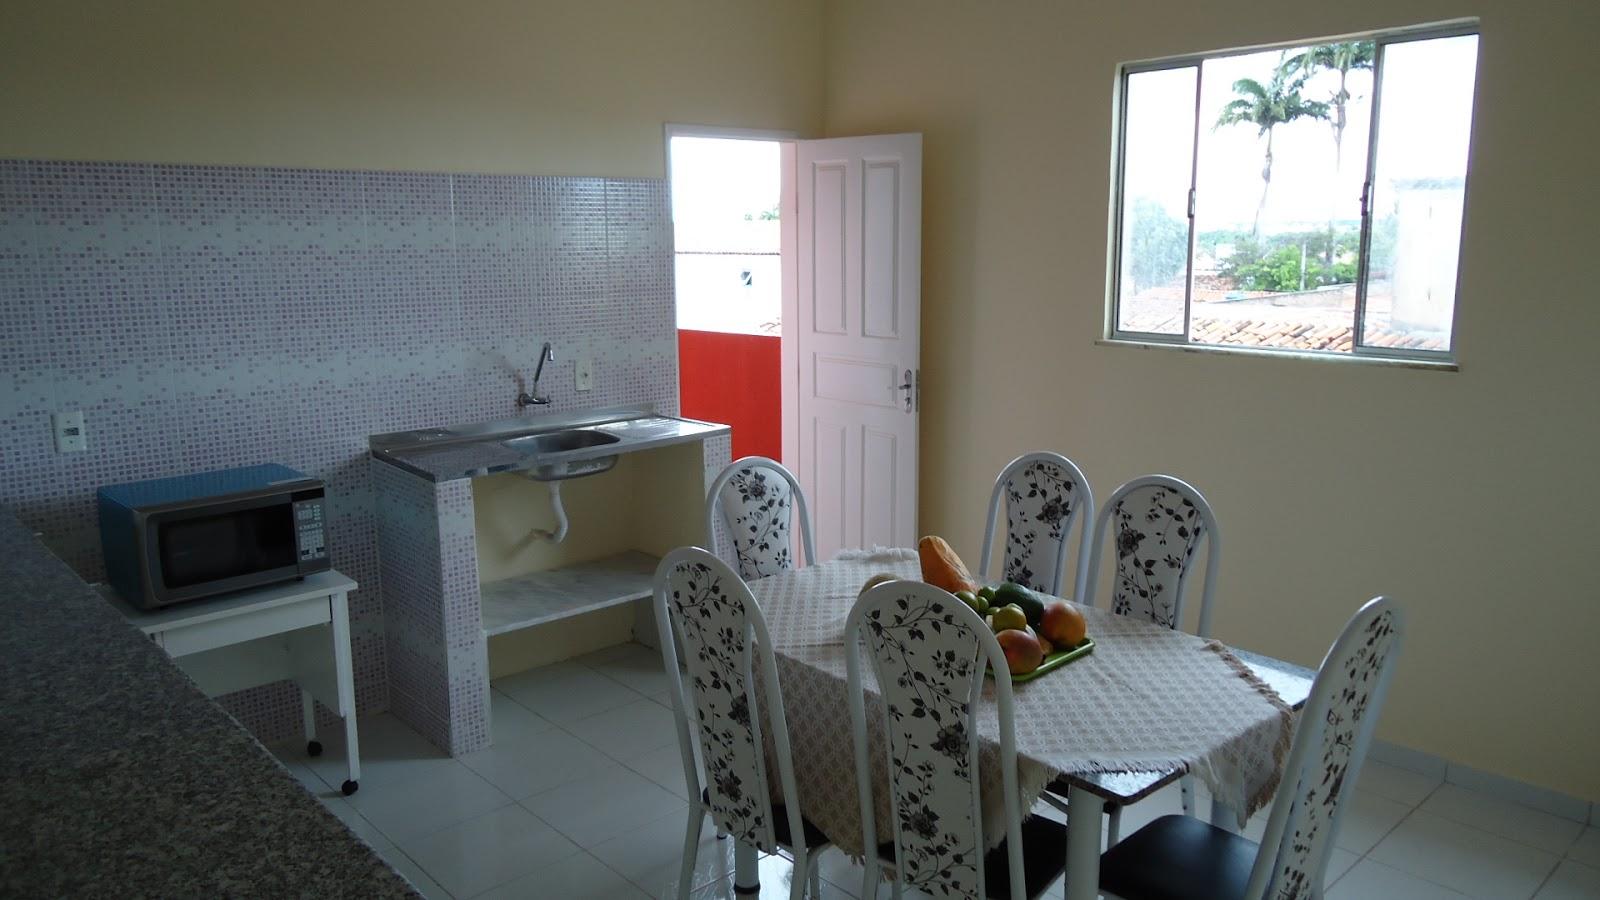 Foto da cozinha do pensionato (Fortaleza-CE)